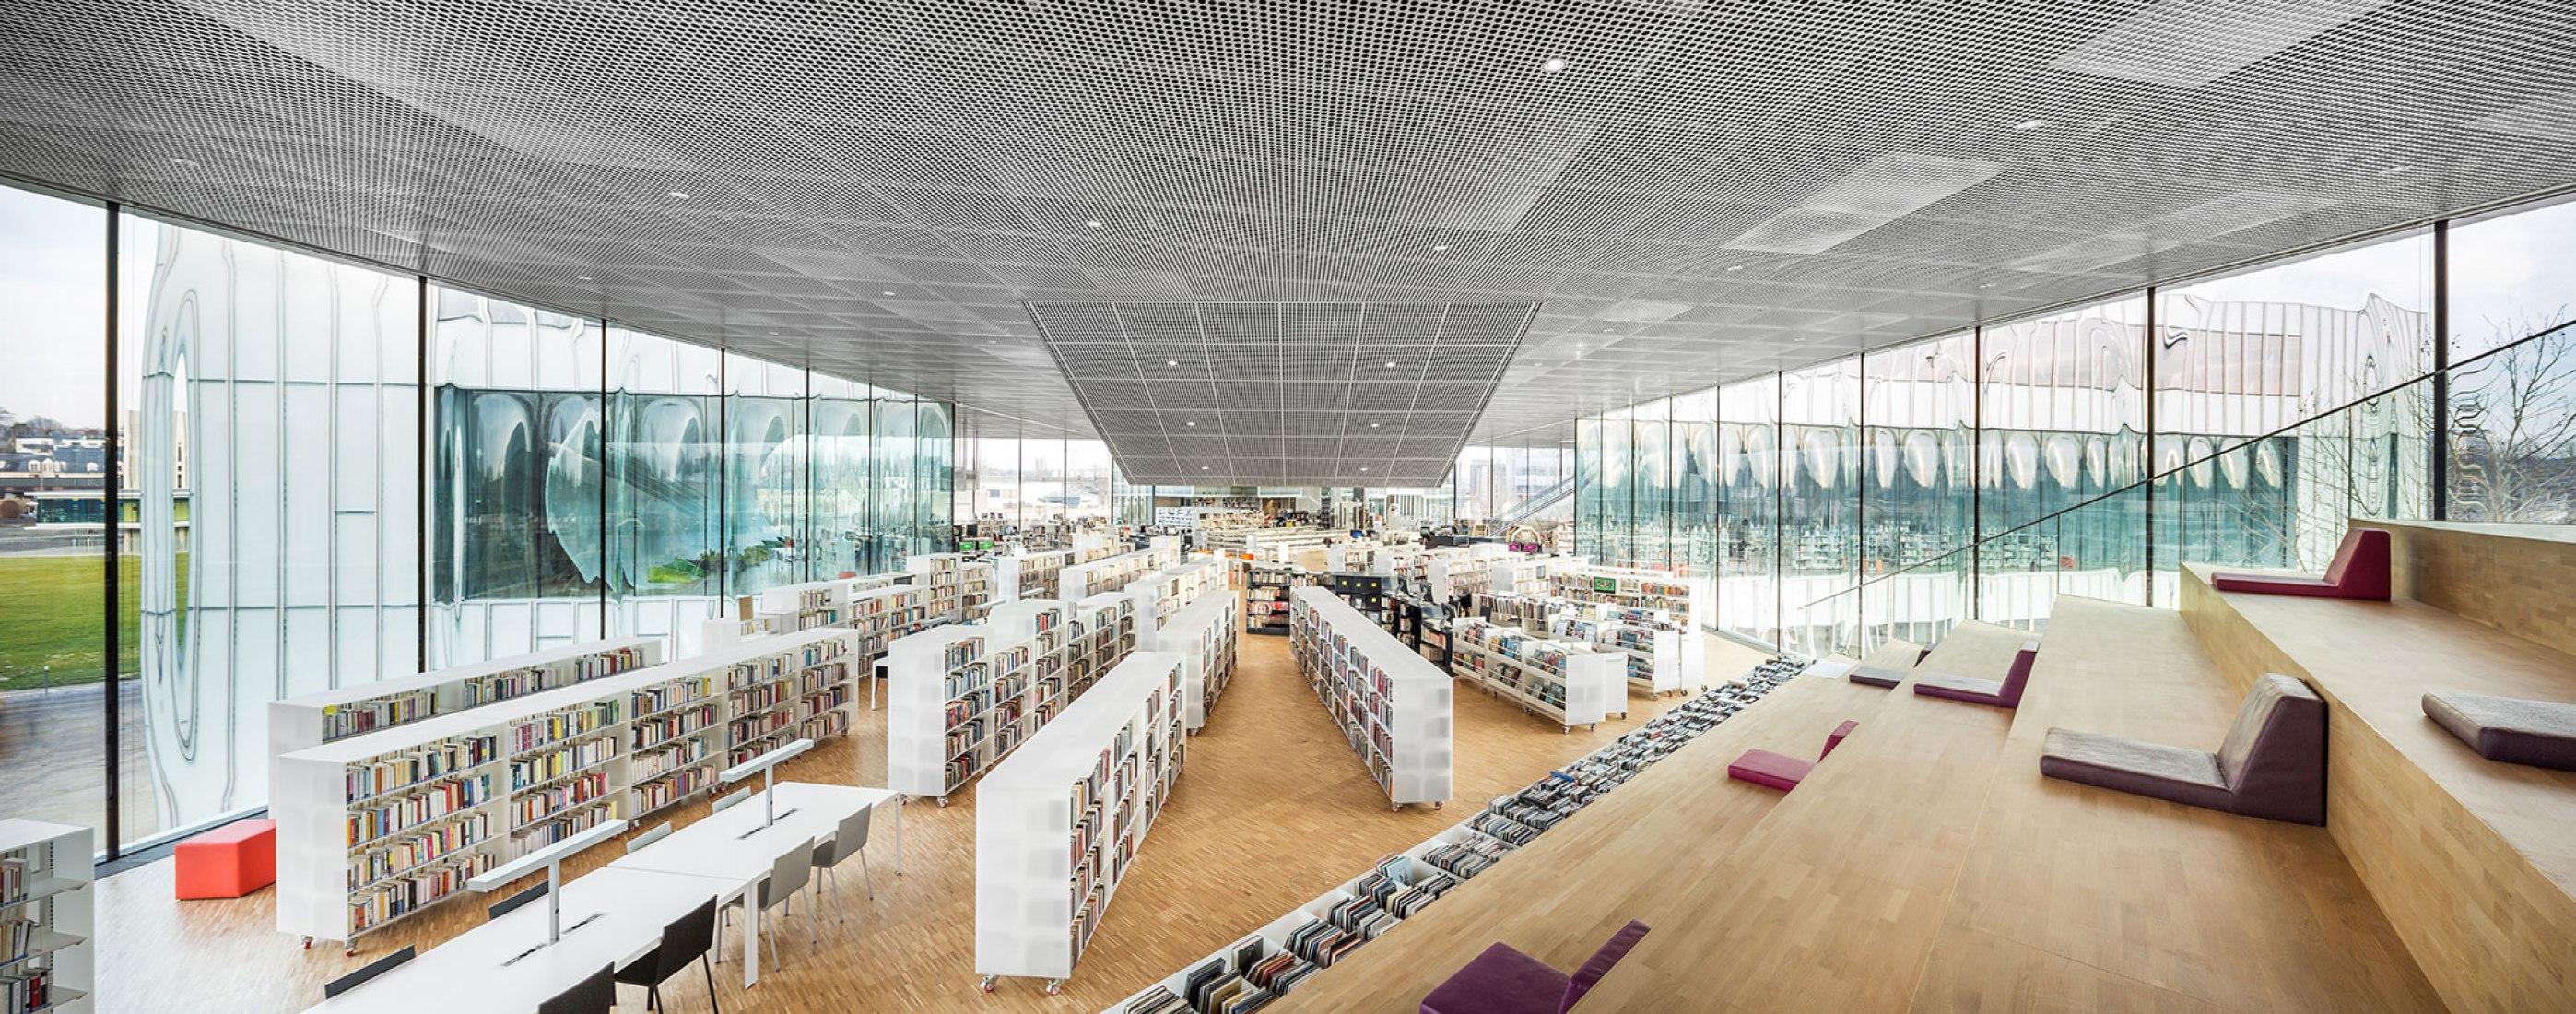 Interior. Biblioteca Alexis de Tocqueville por OMA. Fotografía por Philippe Ruault, cortesía de OMA.